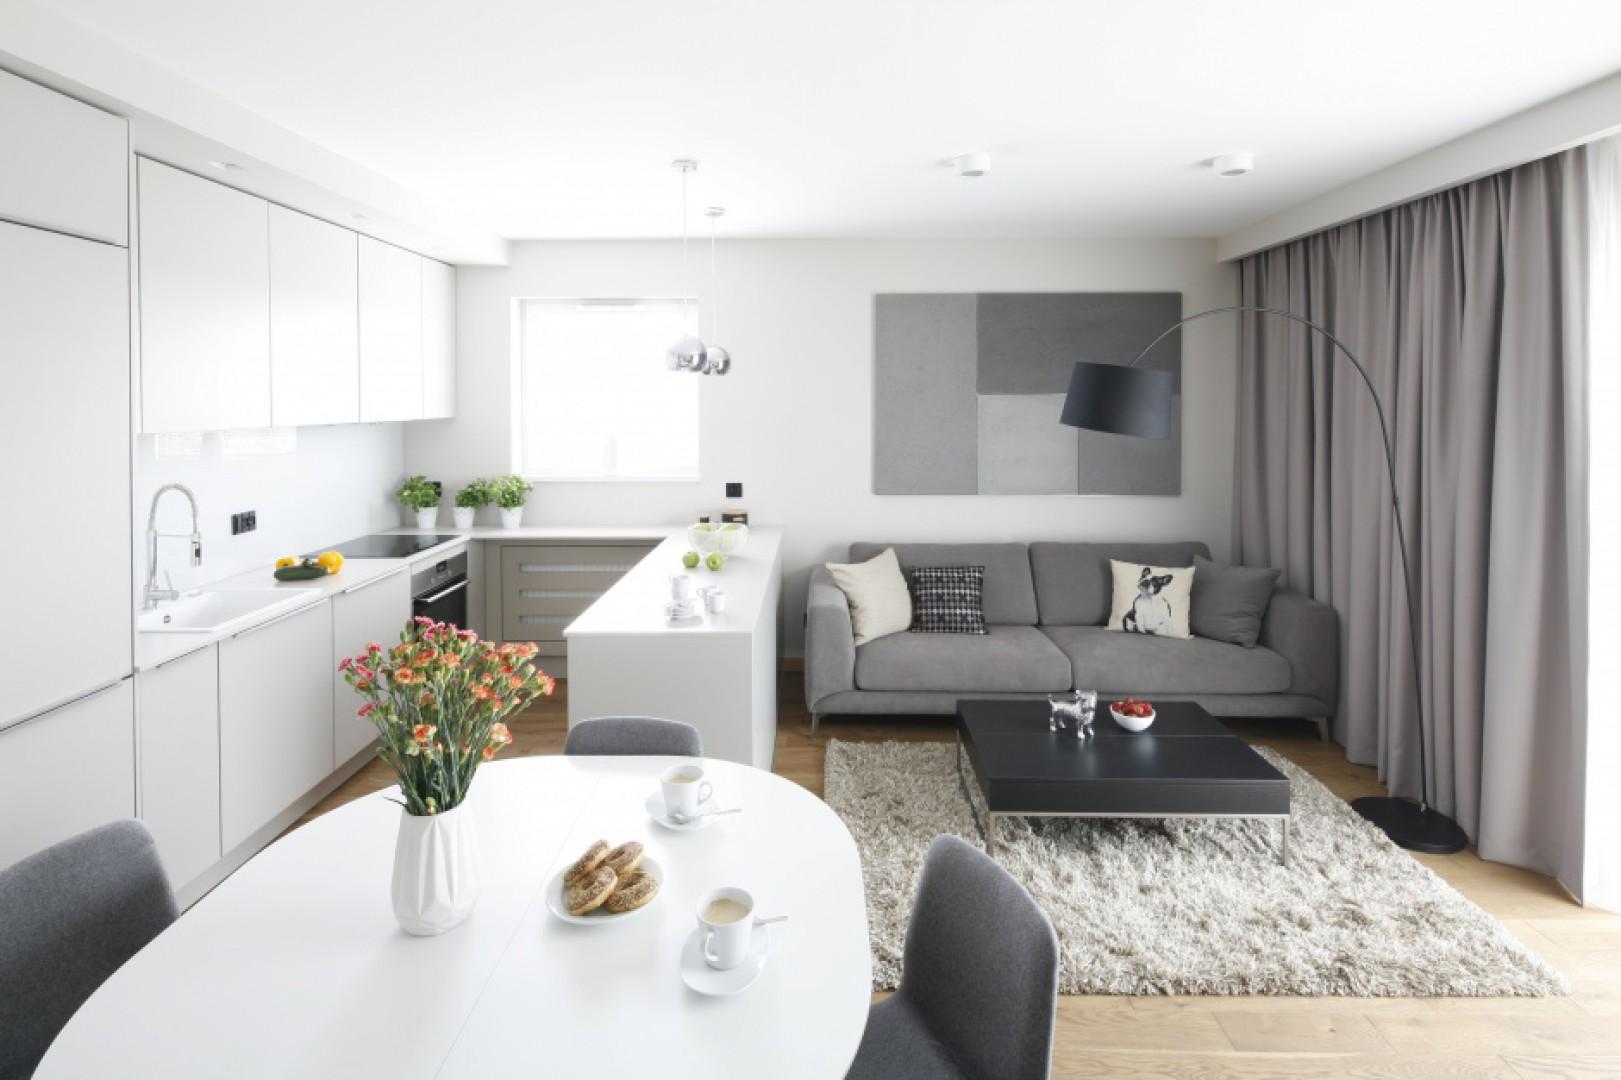 Białe meble kuchenne optycznie powiększą małe wnętrze. Projekt: Katarzyna Uszok-Adamczyk. Fot. Bartosz Jarosz